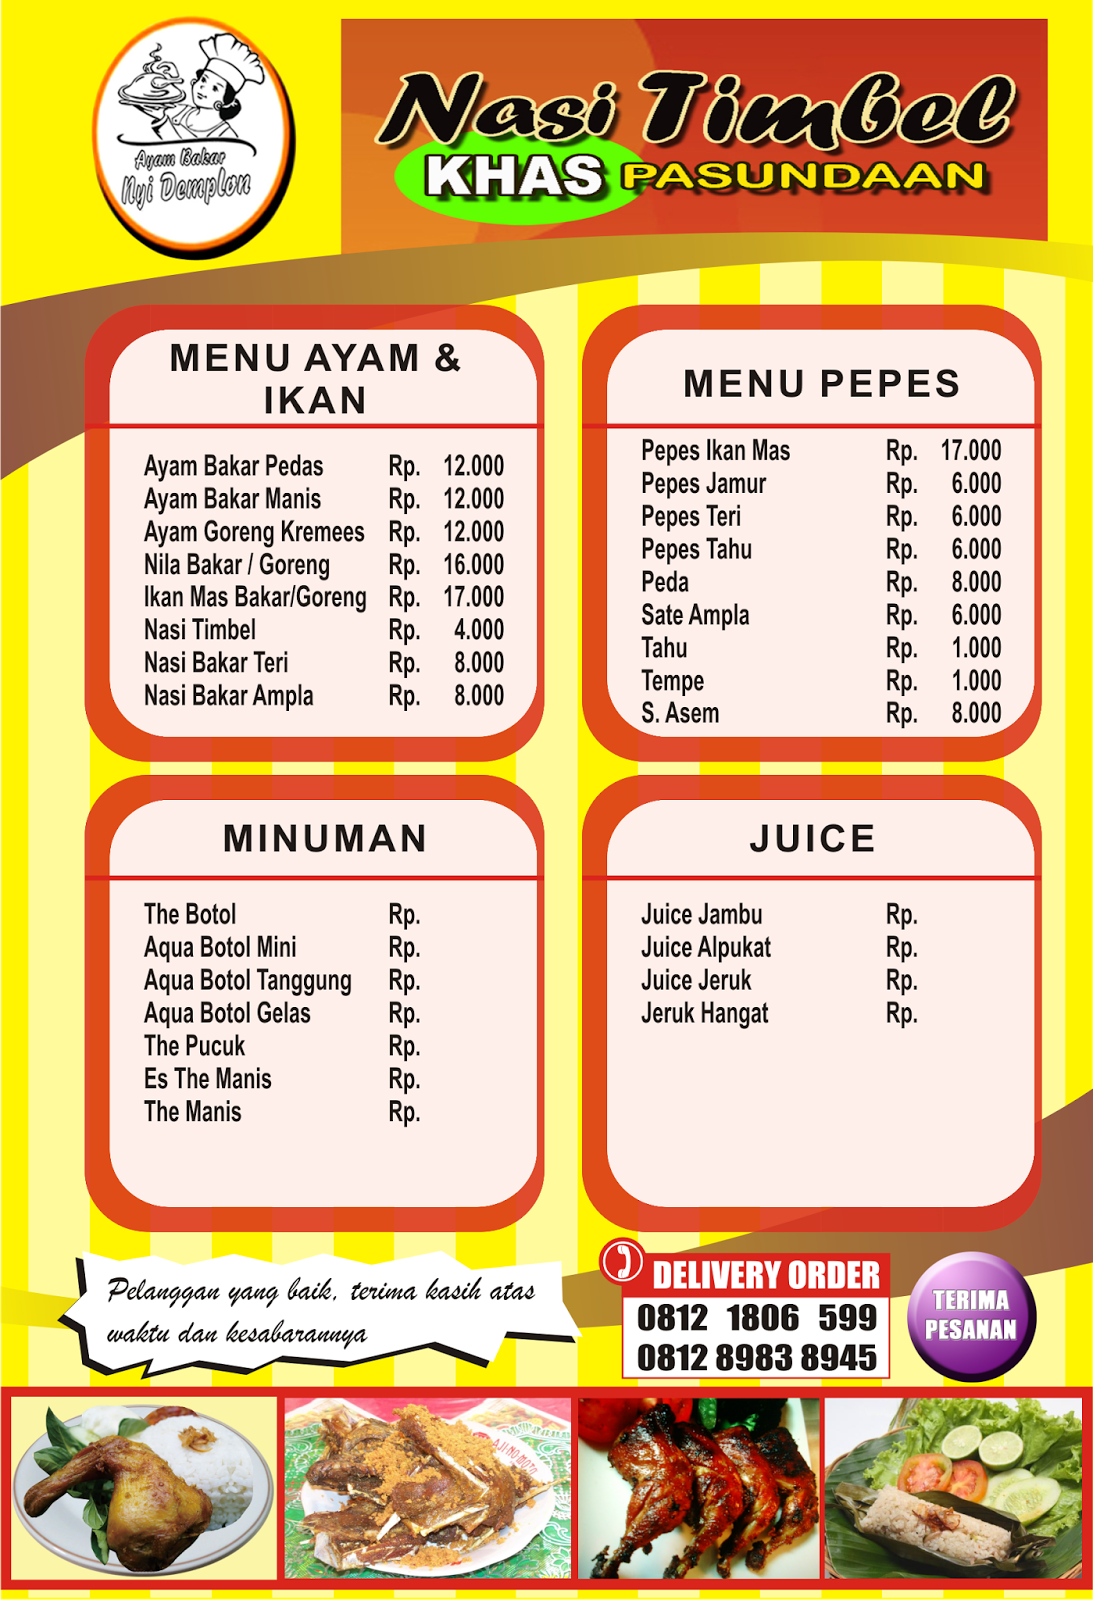 Contoh Desain Daftar Menu Makanan Dan Minuman Desainer Desain